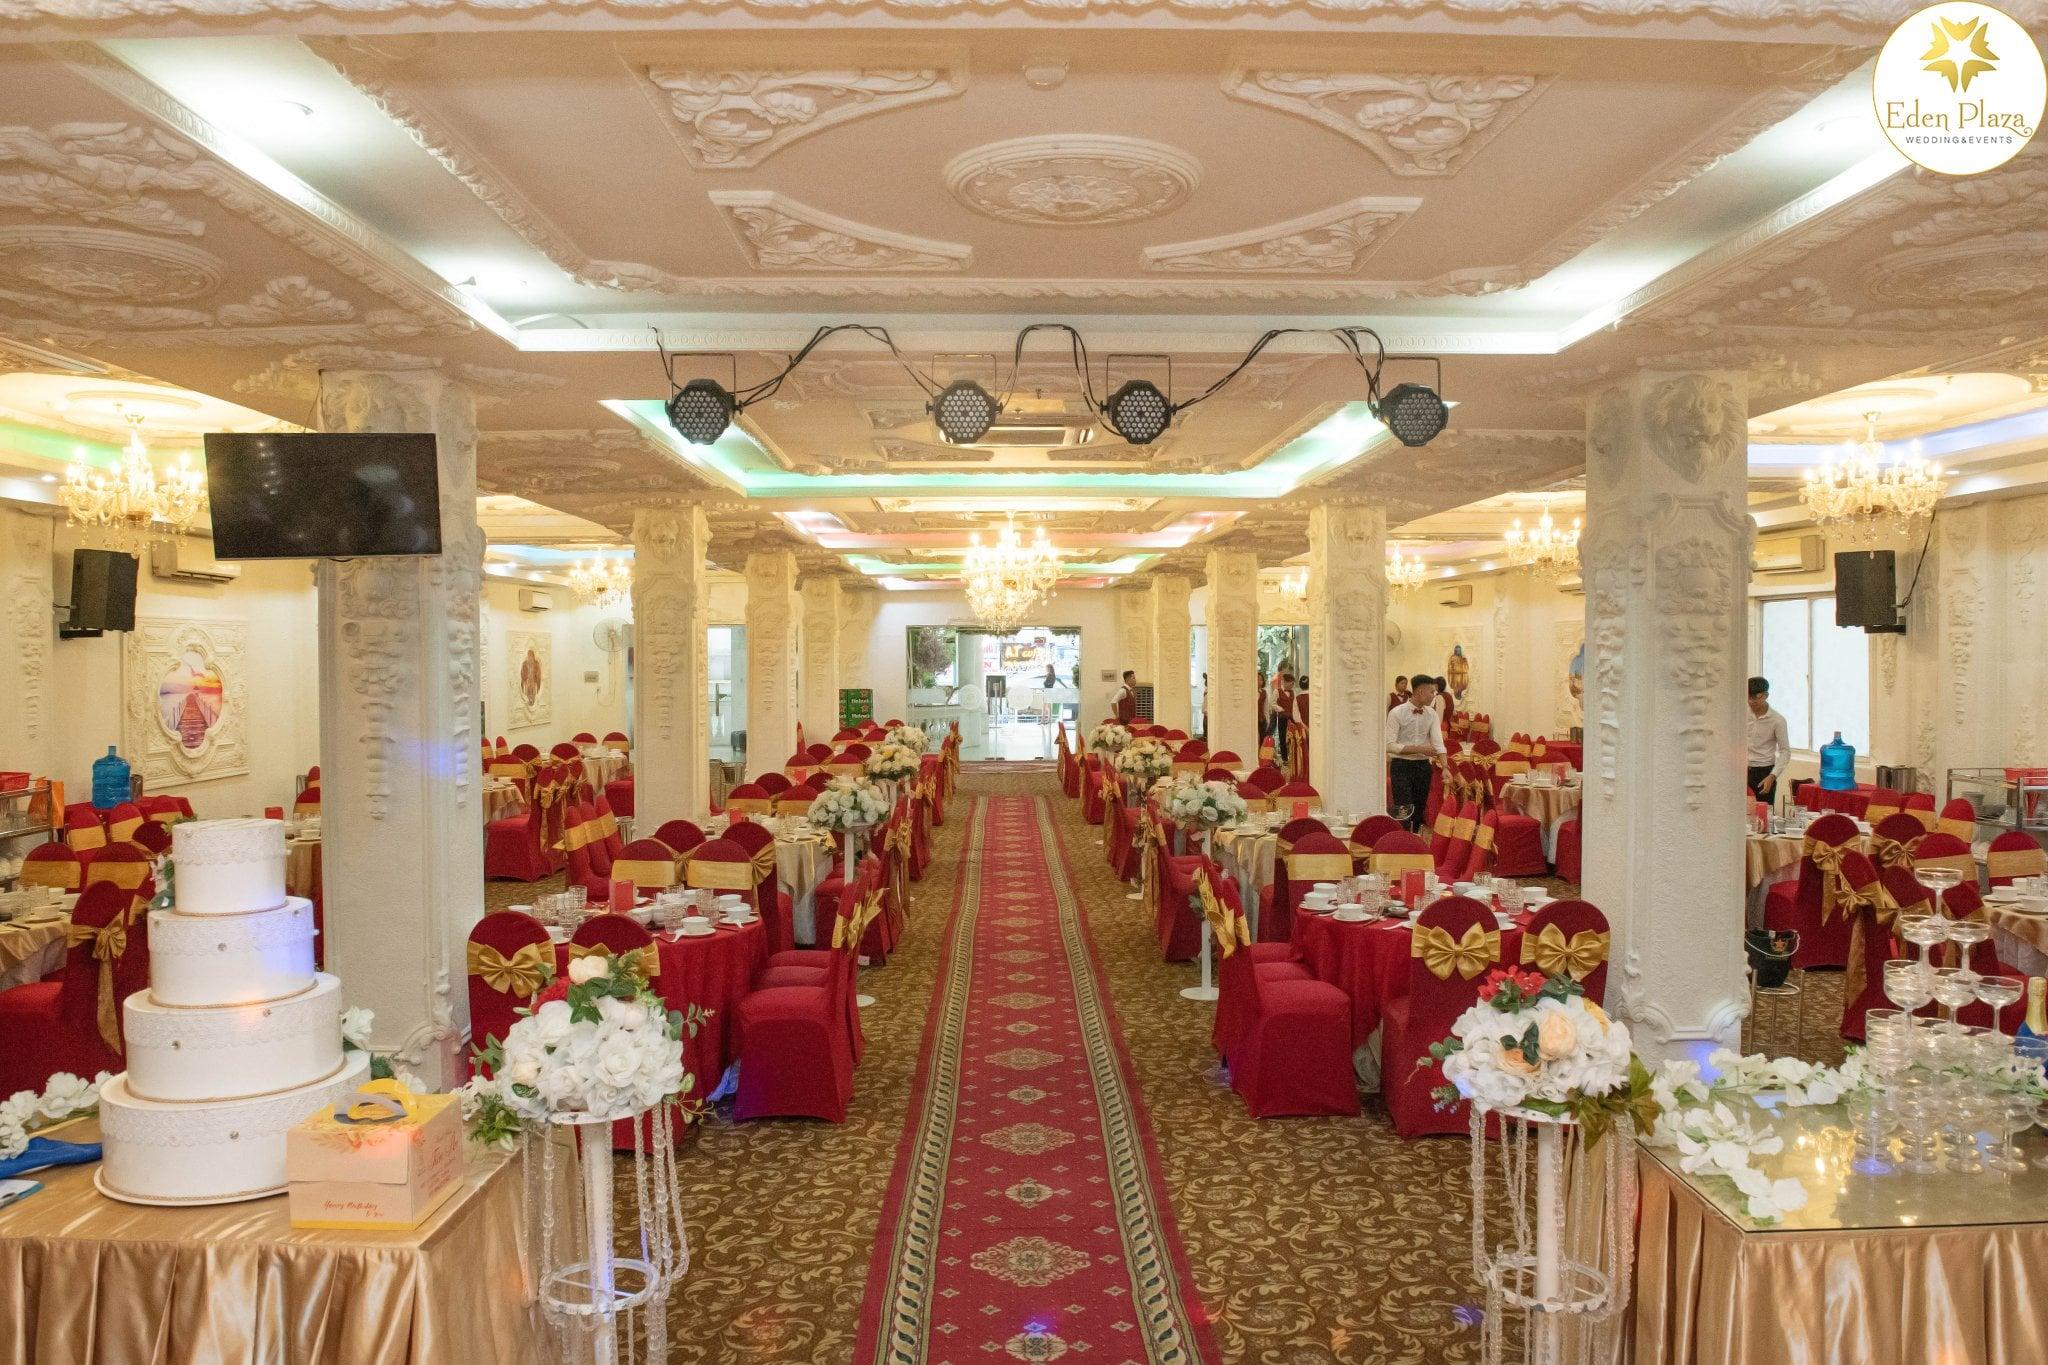 Sảnh tiệc cưới Eden Plaza Thủ Đức 1